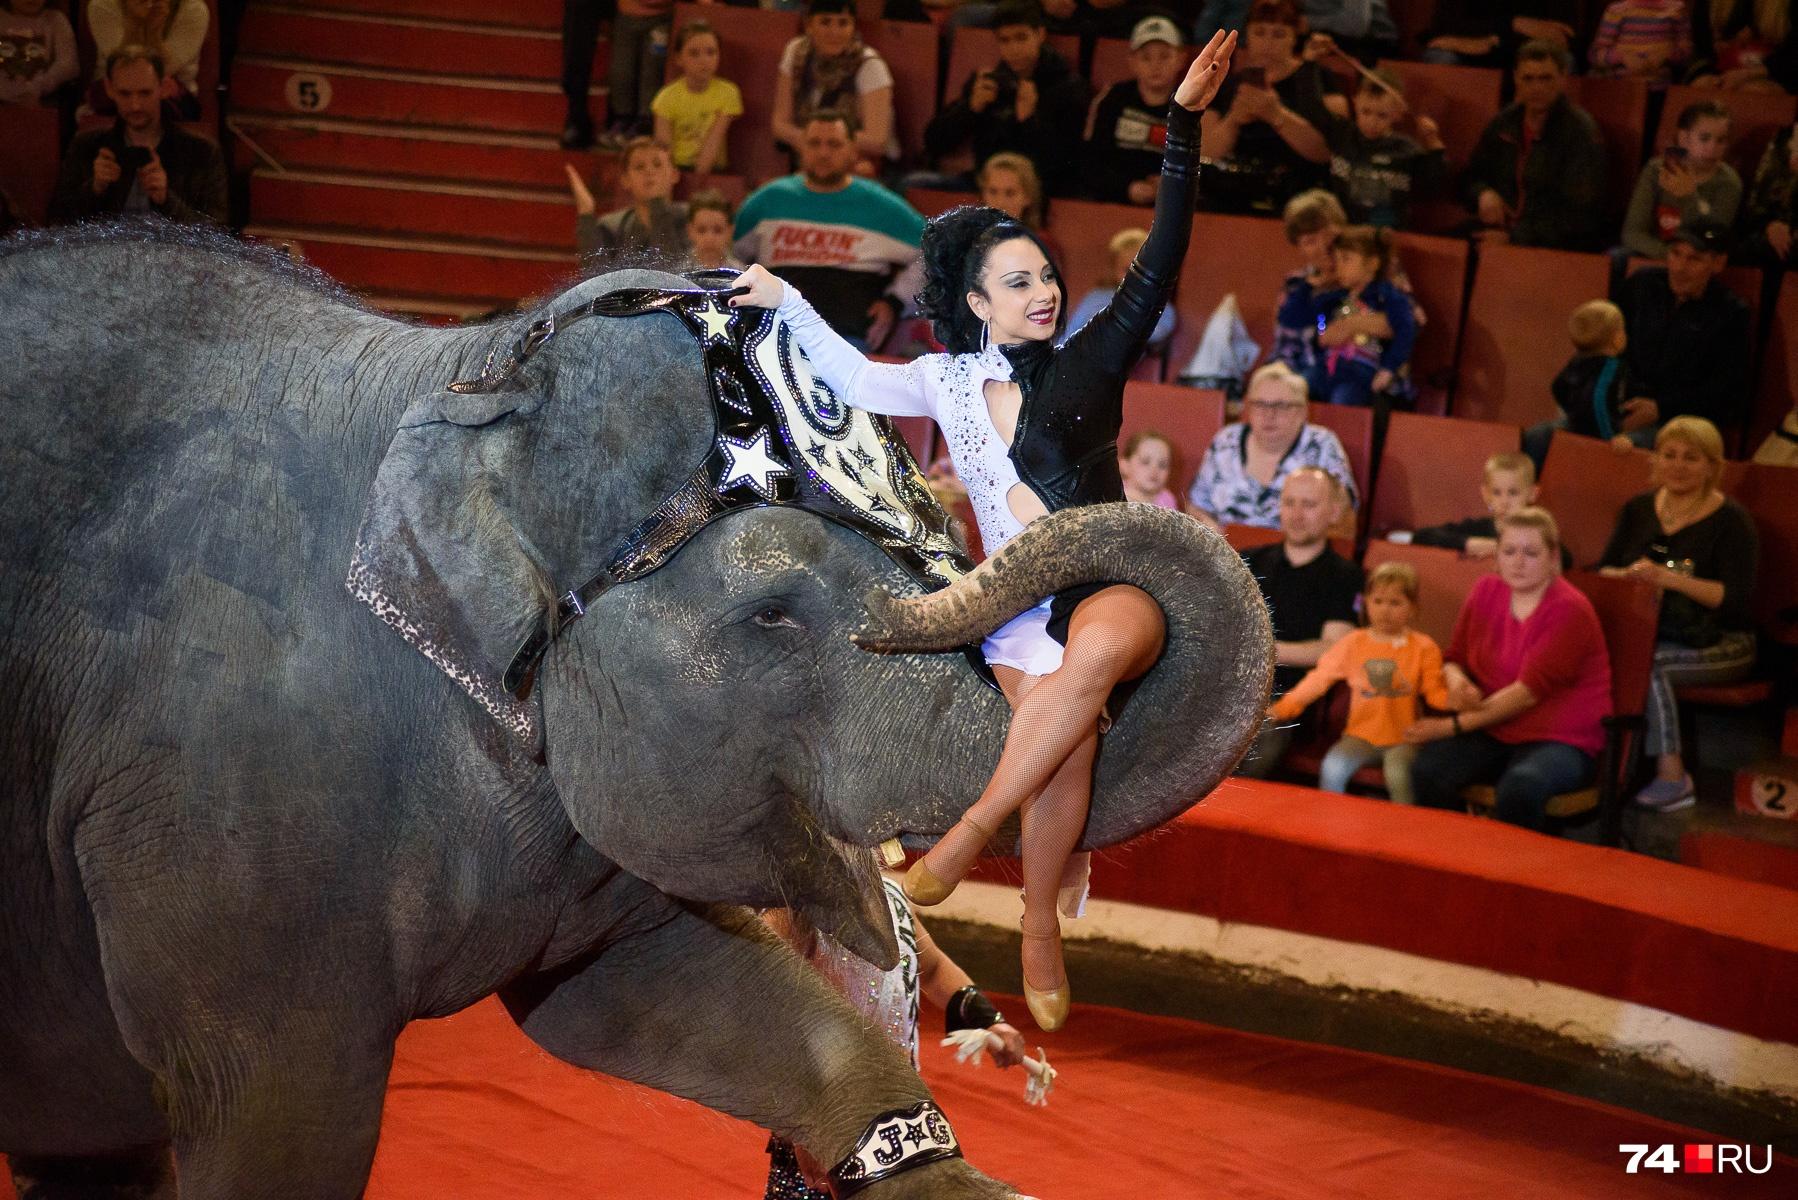 Слонихи — родом из Индии, были вывезены оттуда много лет назад